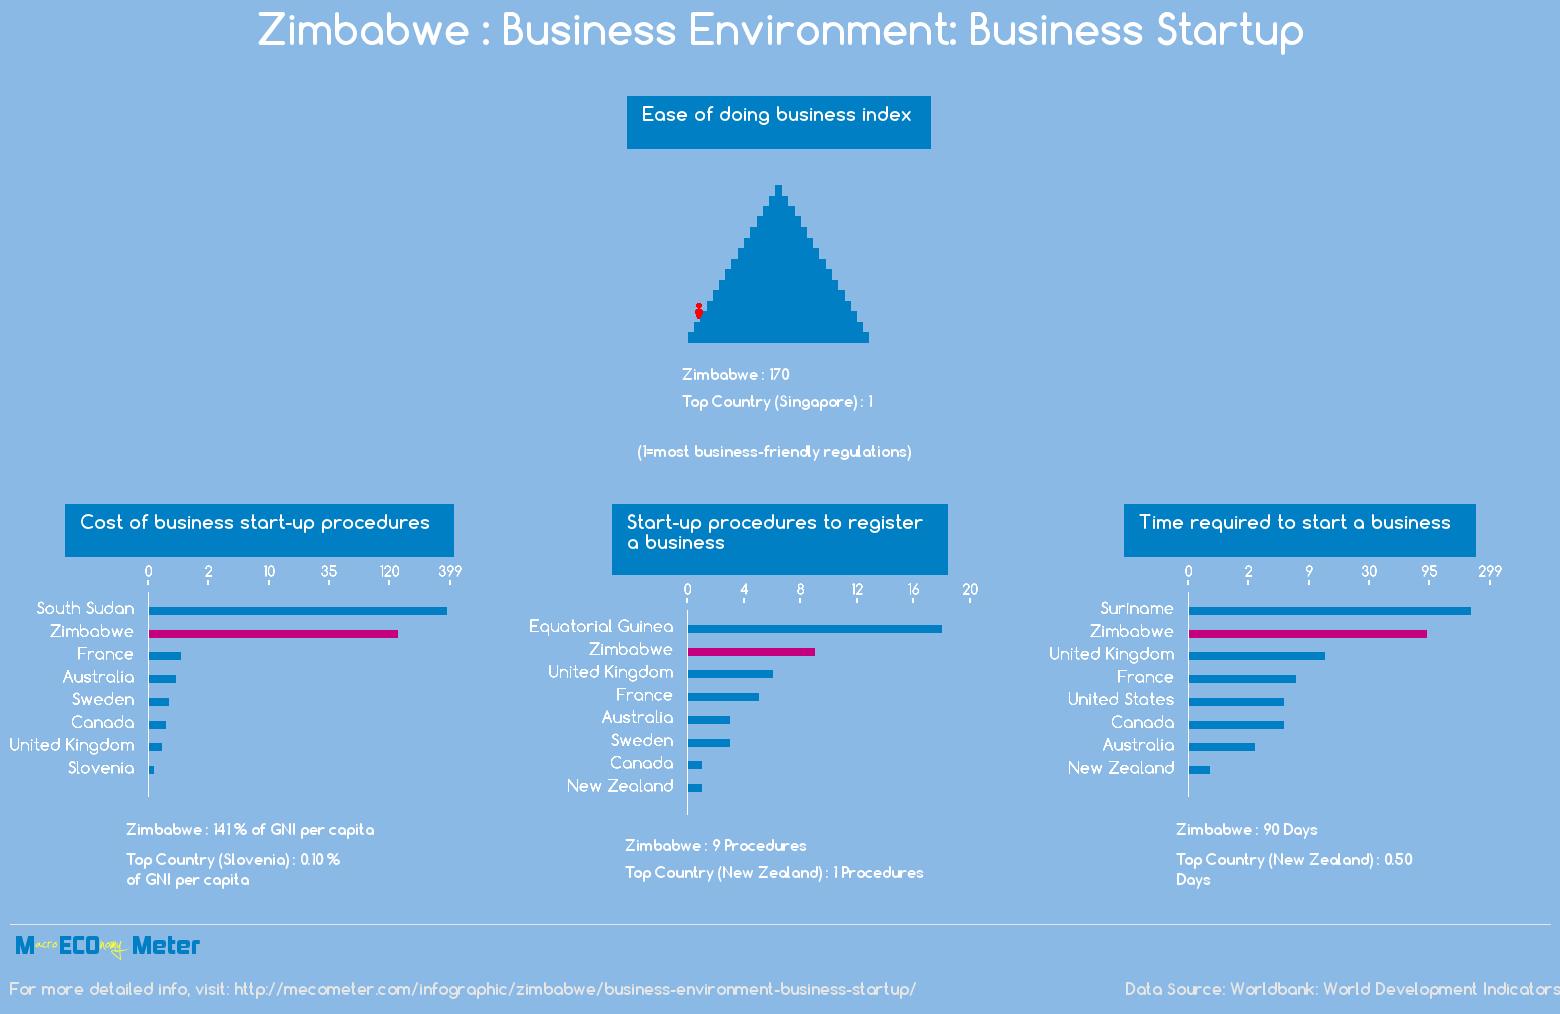 Zimbabwe : Business Environment: Business Startup